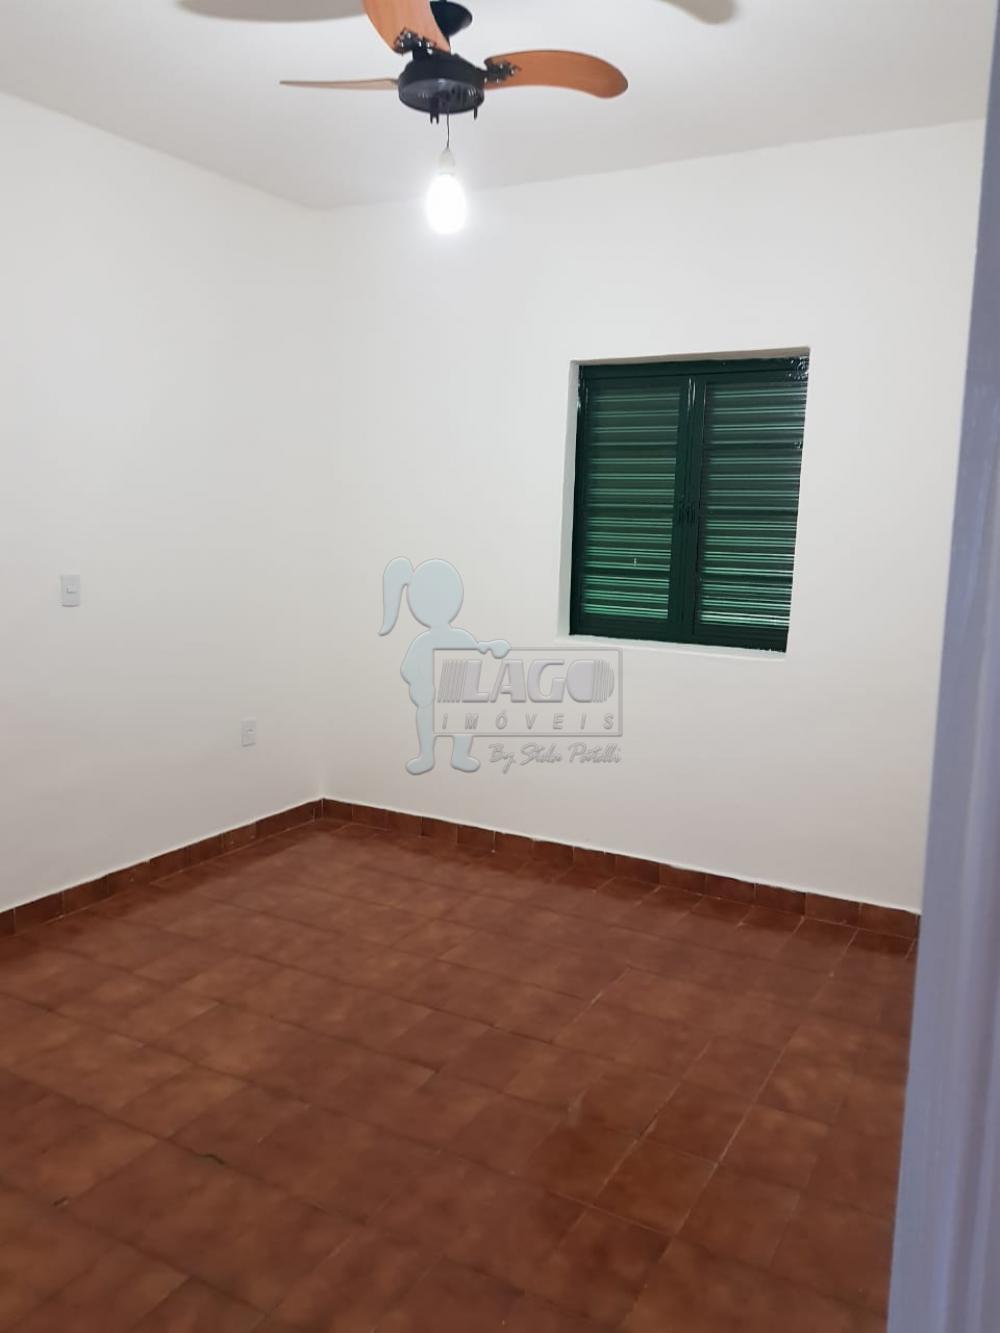 Comprar Casas / Padrão em Ribeirão Preto apenas R$ 270.000,00 - Foto 4